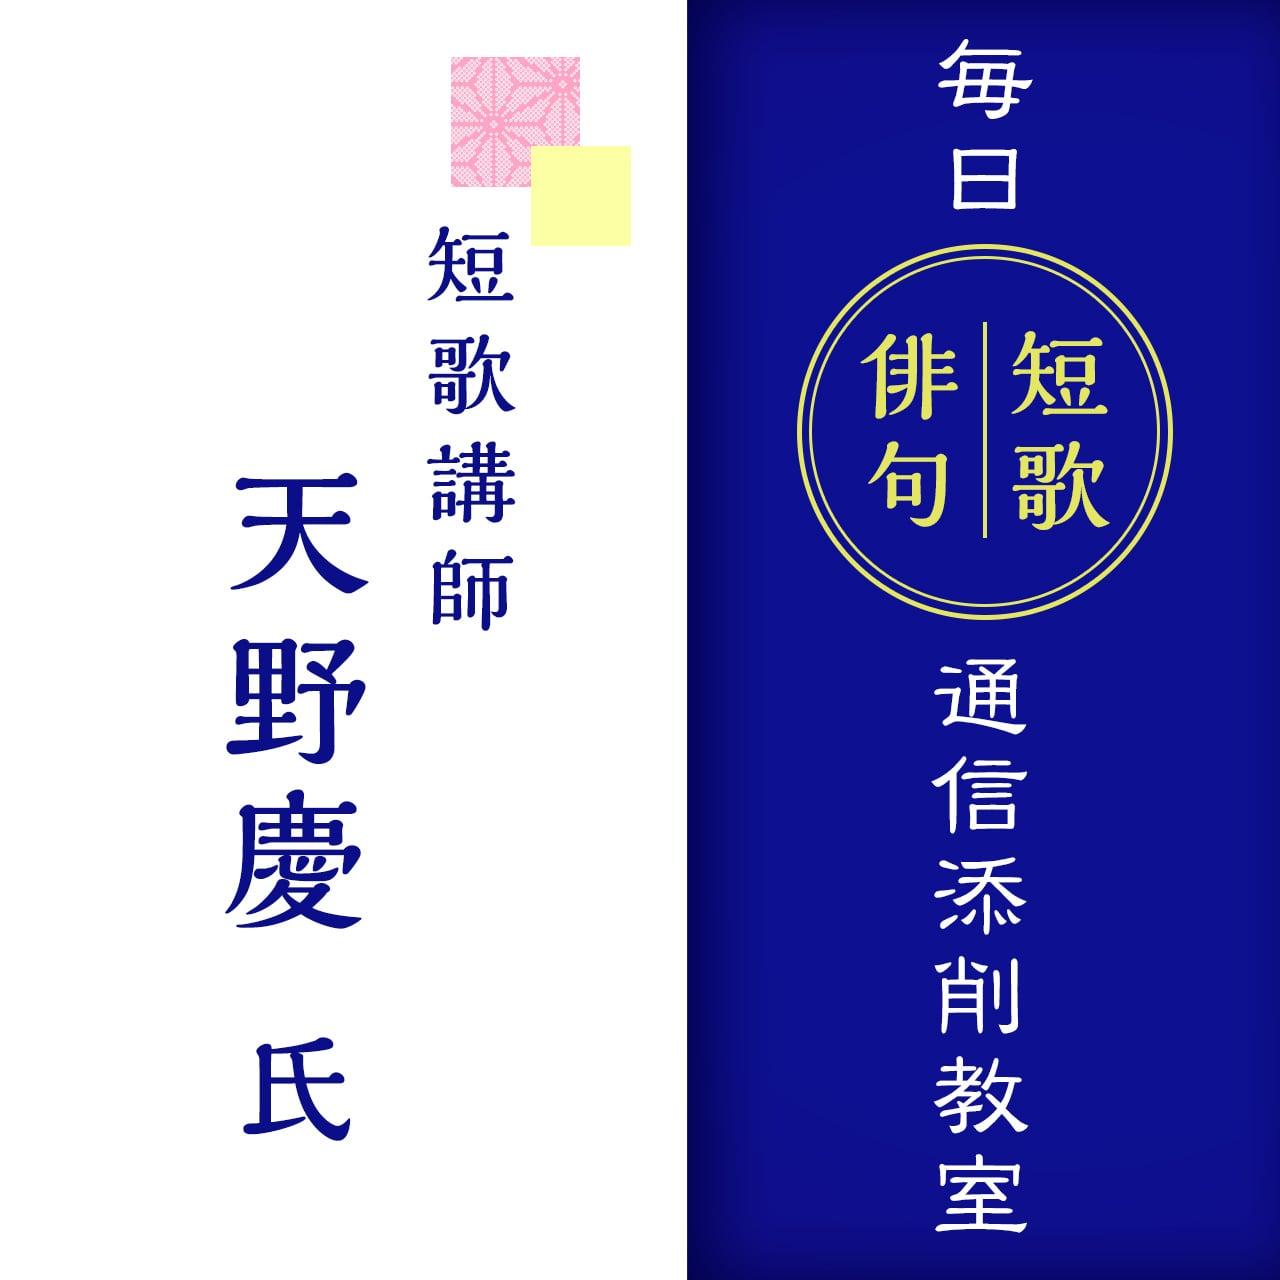 毎日短歌・俳句通信添削教室 1講座6回(6カ月) 短歌講師・天野慶 氏